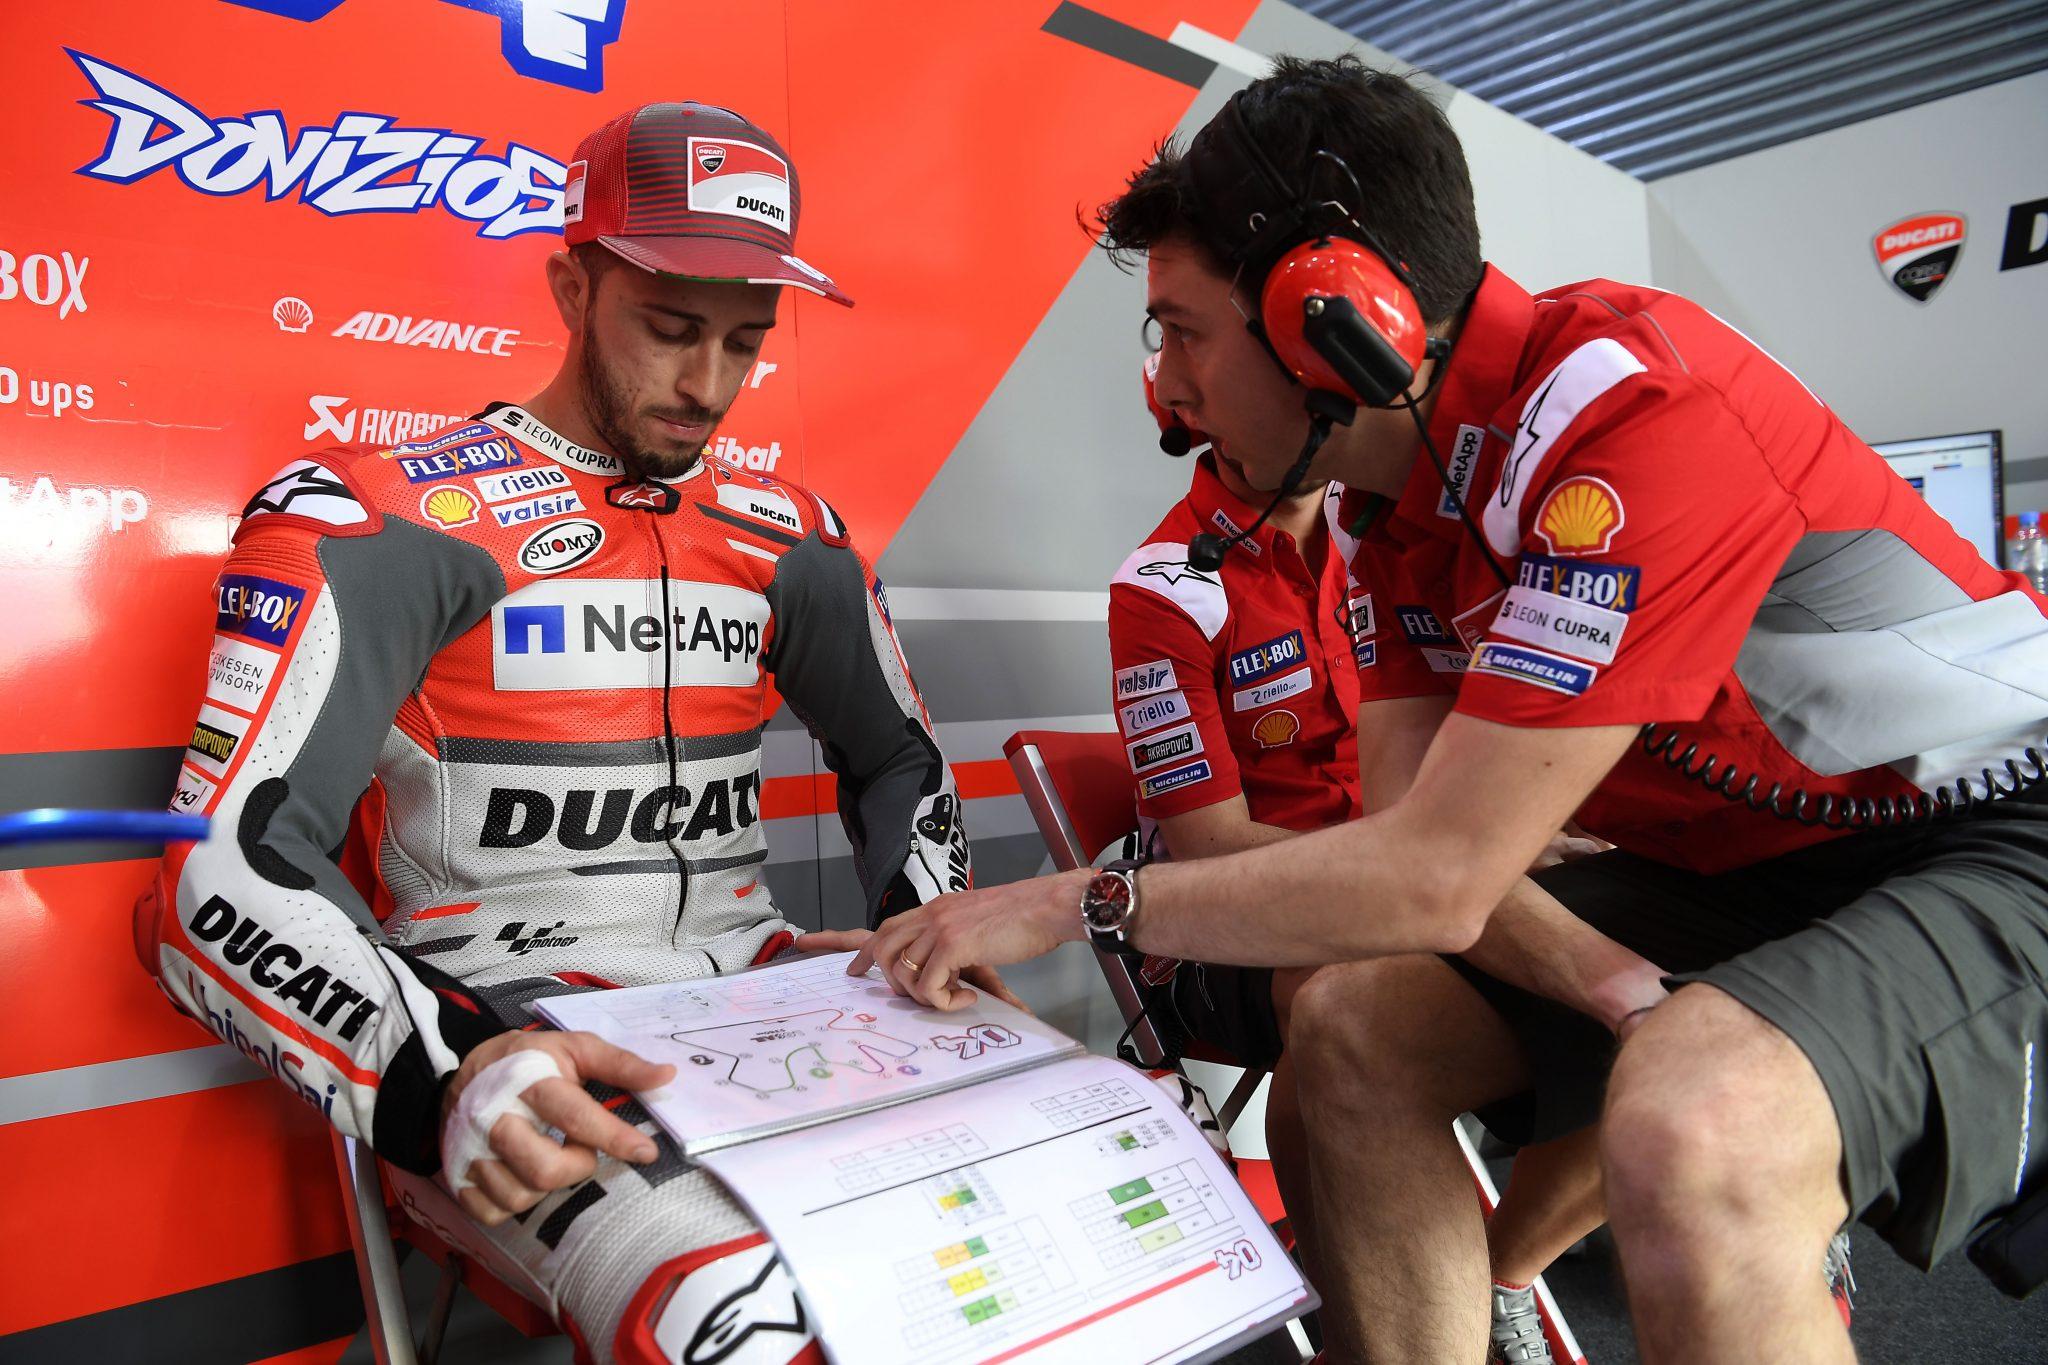 MotoGP – Dovizioso didn't accept Ducati offer for renewal